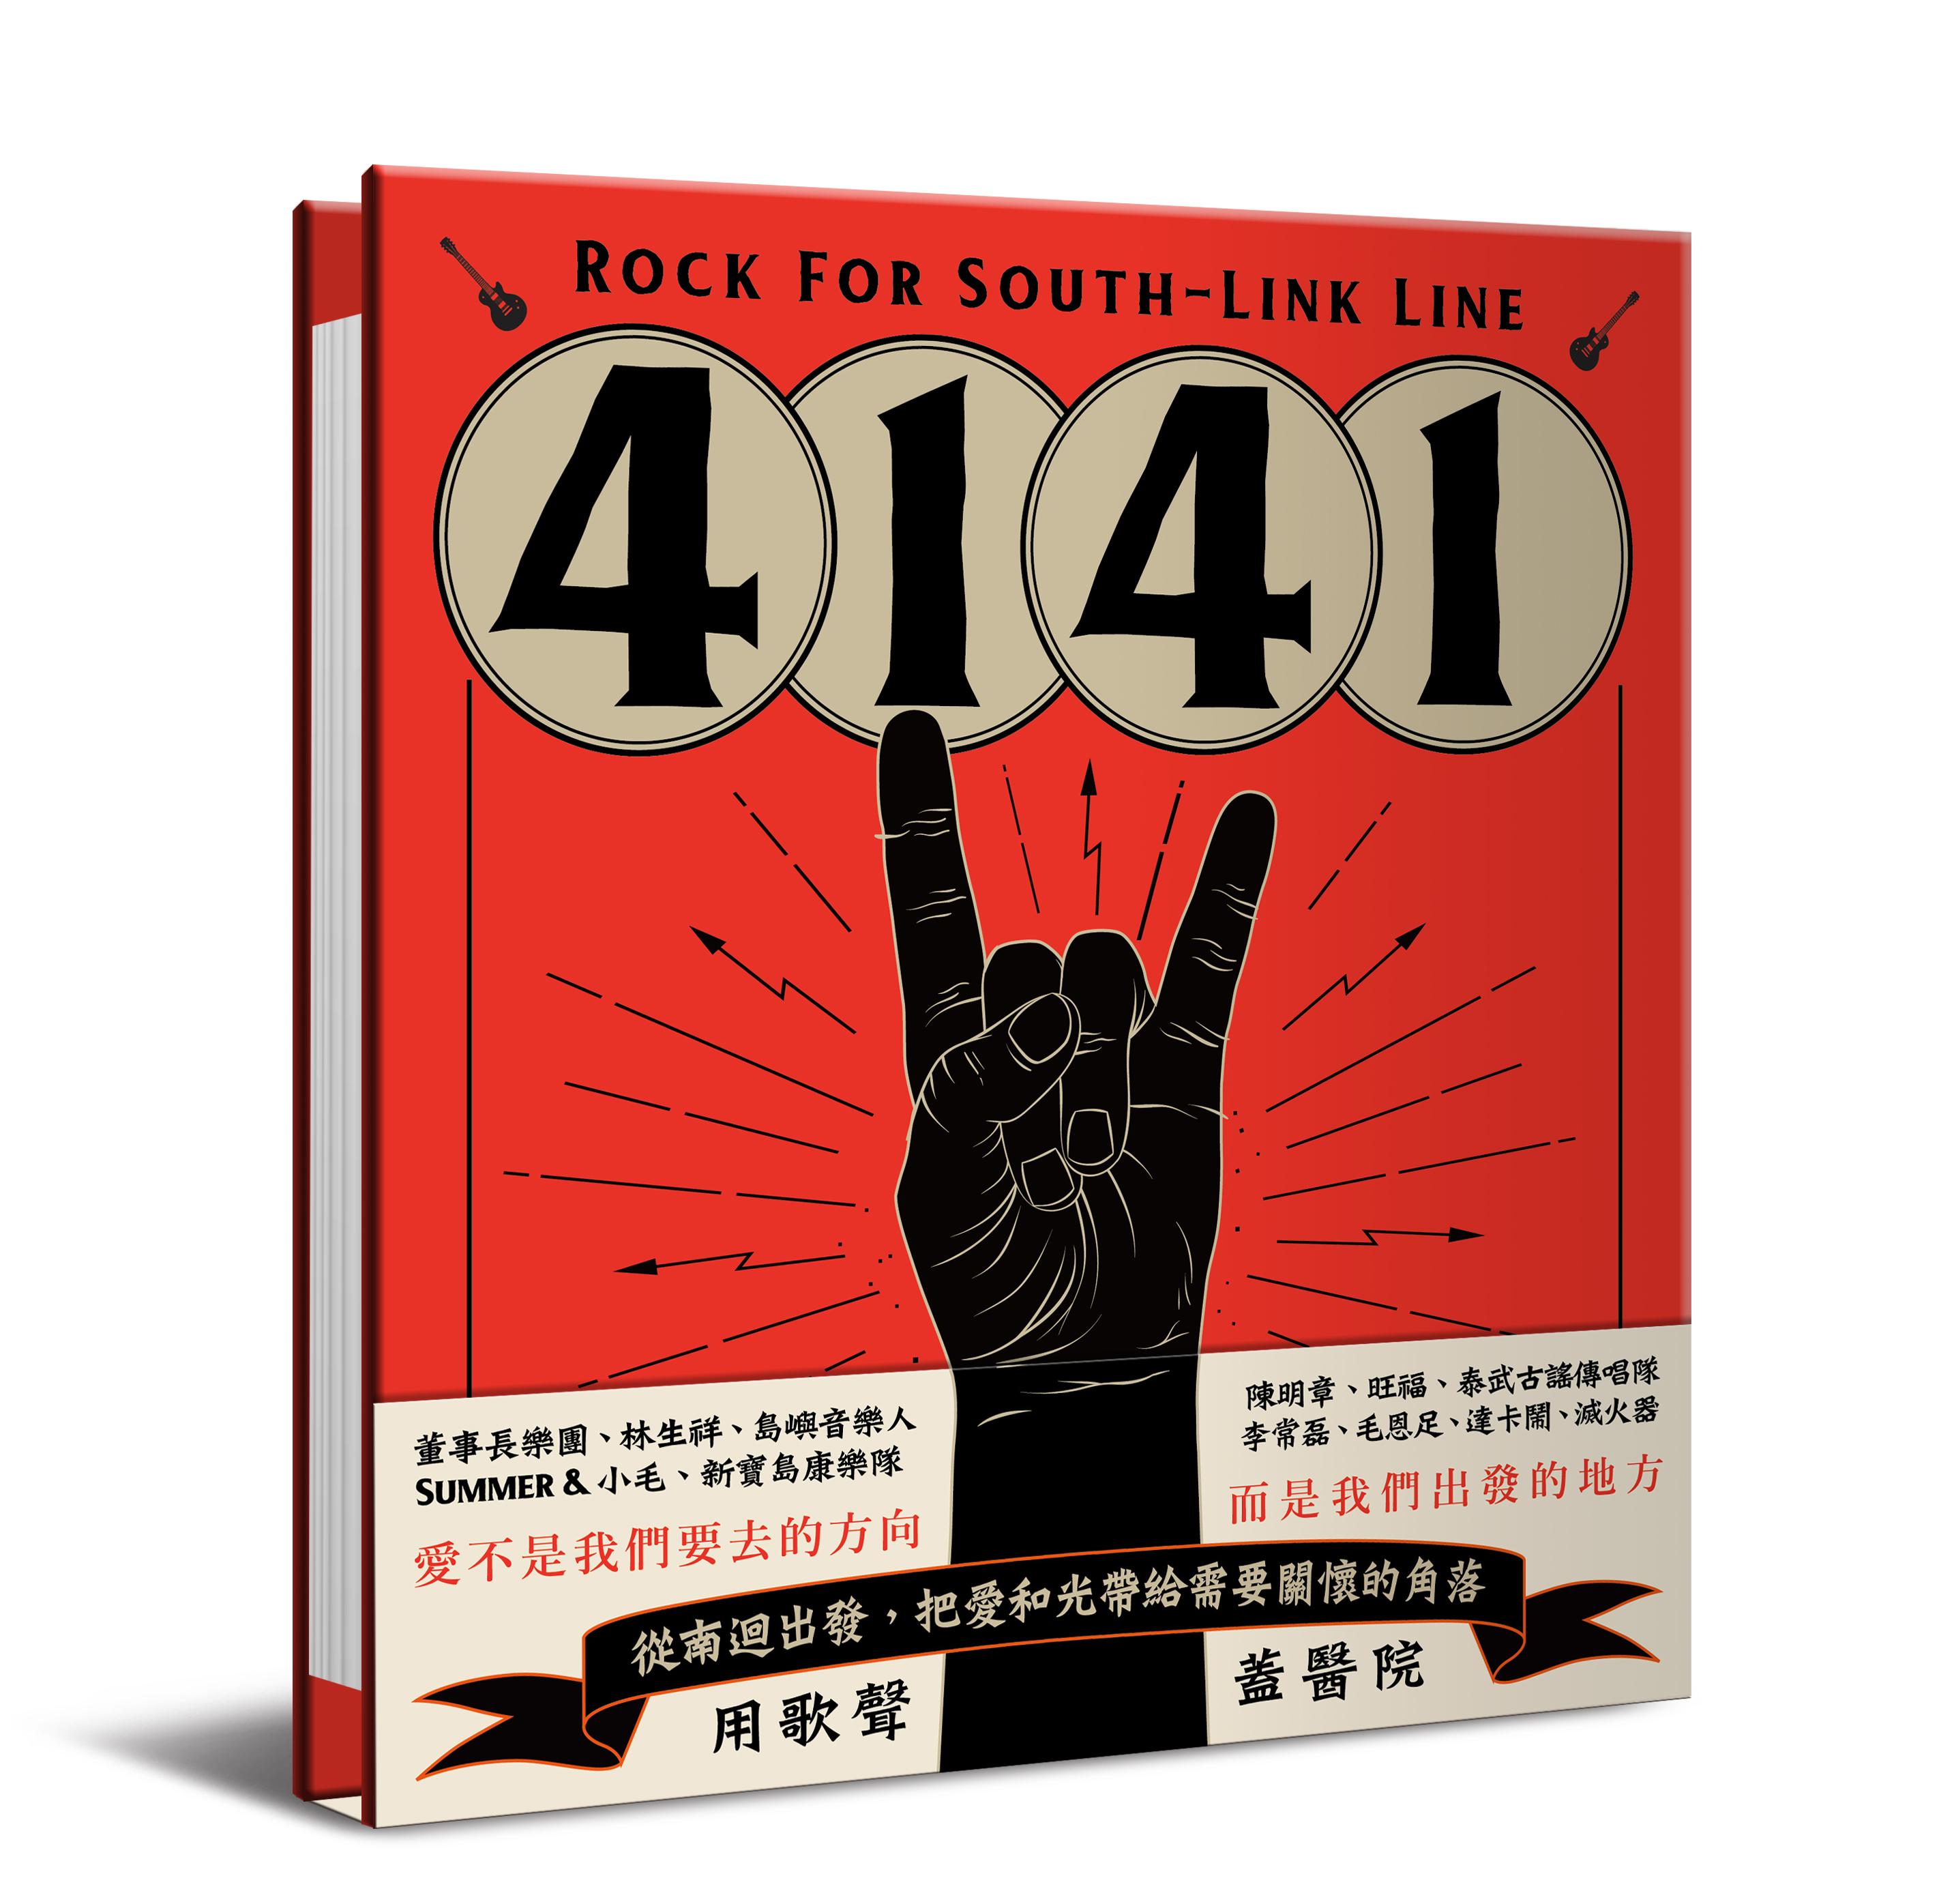 《4141 用歌聲蓋醫院》合輯